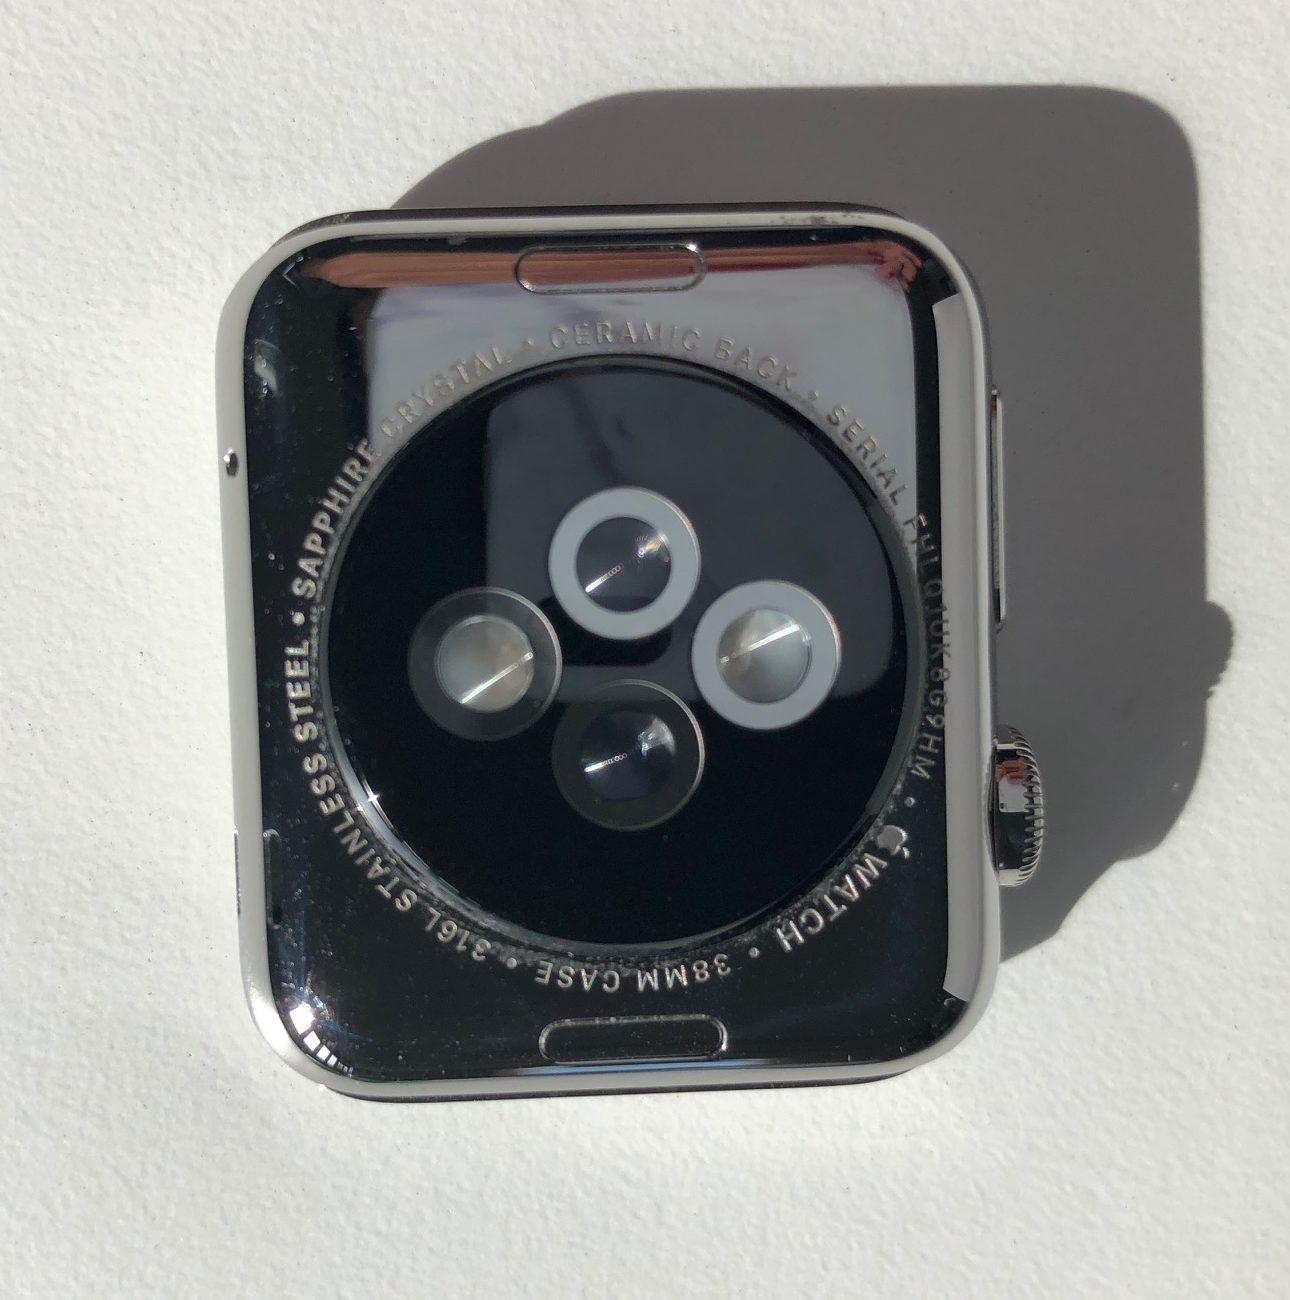 Watch Series 2 Steel (38mm), imagen 2